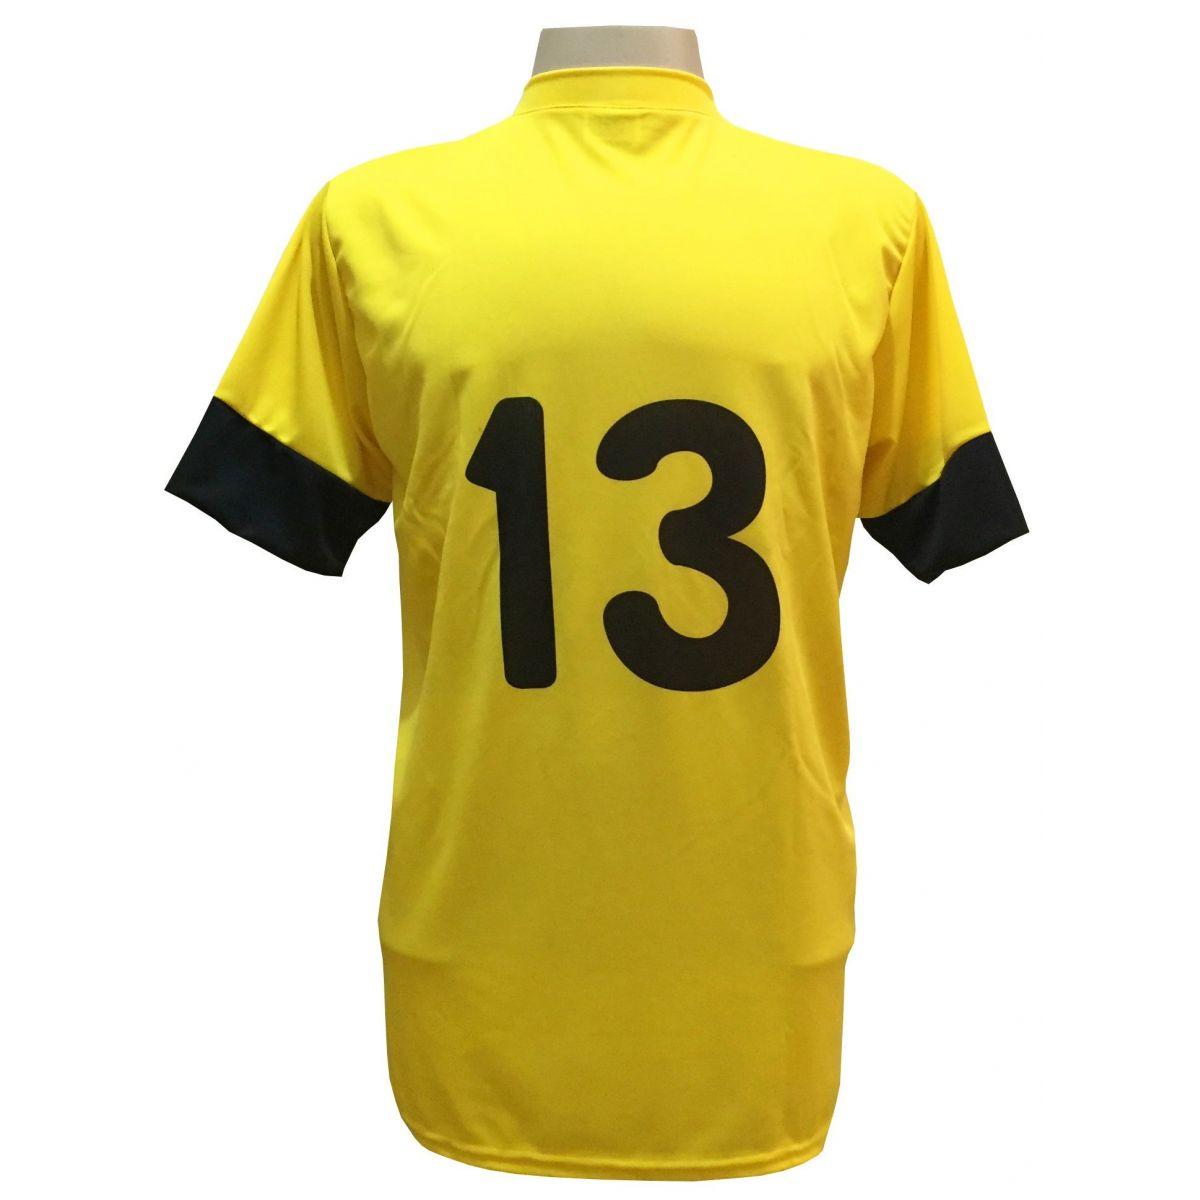 Fardamento Completo modelo Columbus 18+2 (18 Camisas Amarelo/Preto + 18 Calções Madrid Preto + 18 Pares de Meiões Amarelos + 2 Conjuntos de Goleiro) + Brindes